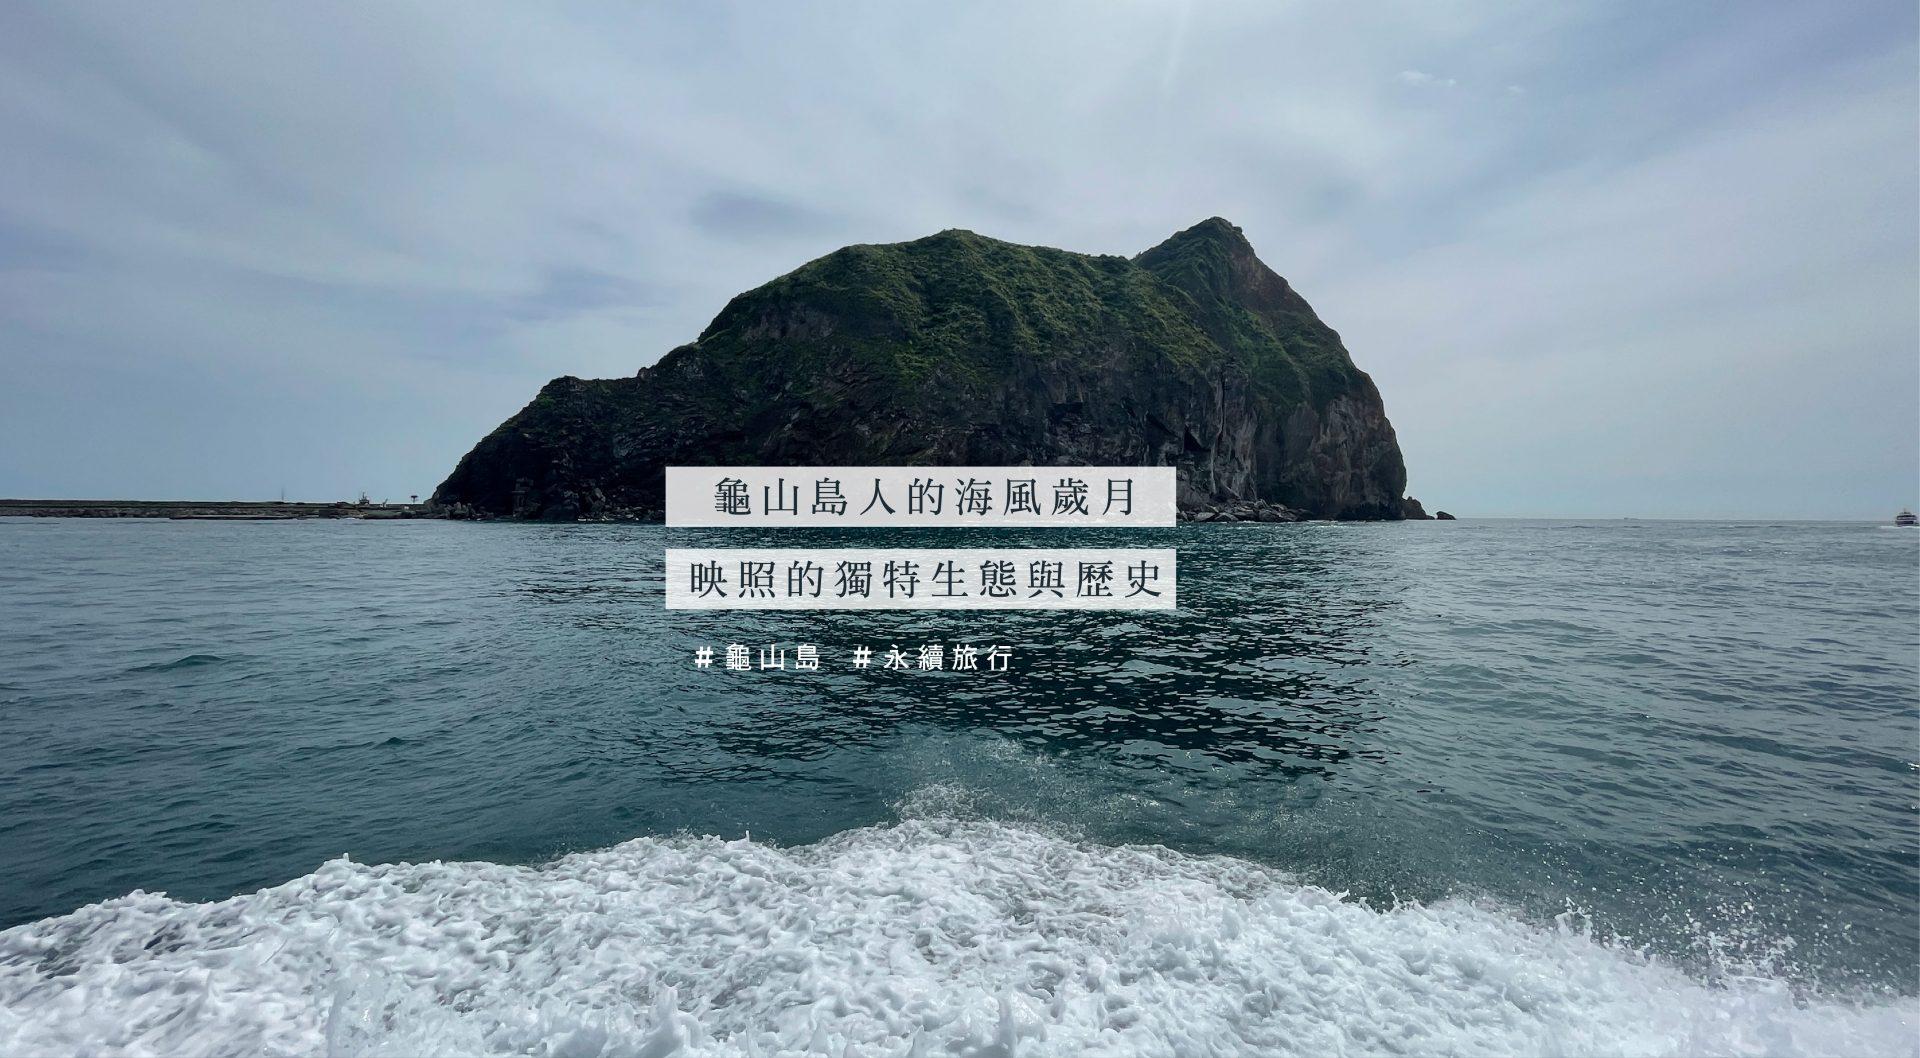 龜山島人的海風歲月 映照的獨特生態與歷史